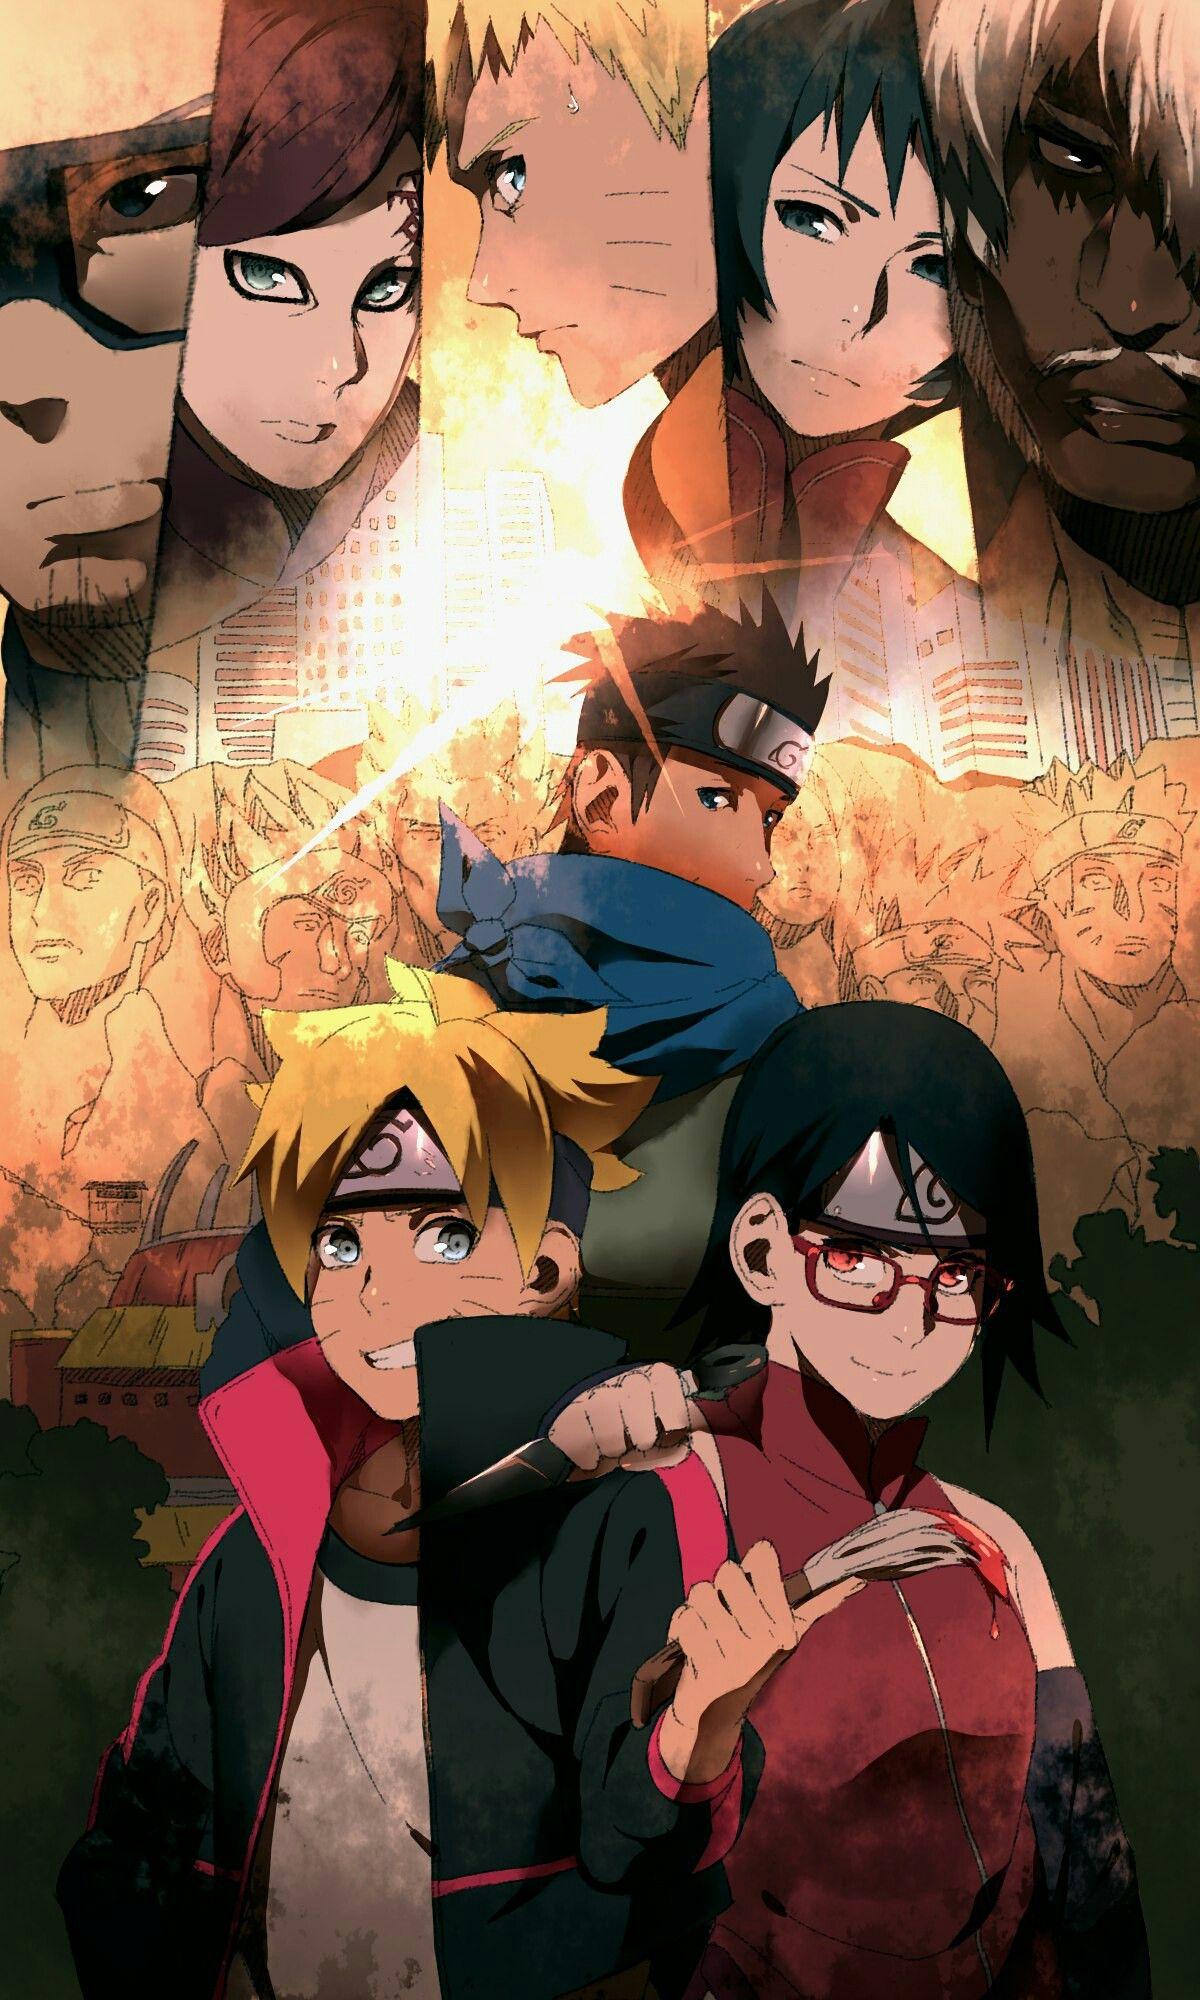 Anko Boruto Episode 36 Boruto episodes, Anime, Boruto